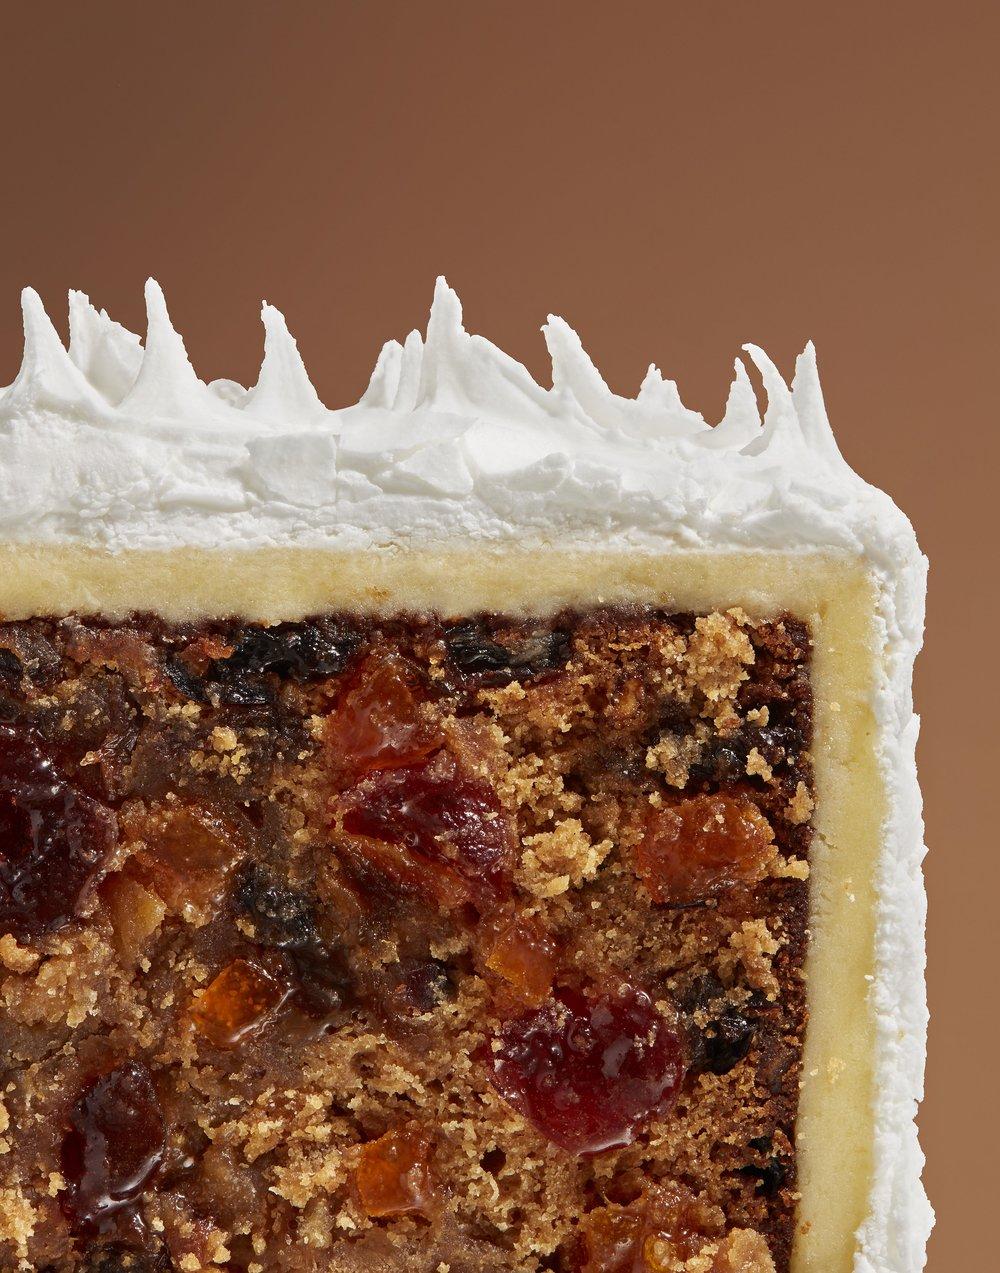 Fruit+cake1.jpg